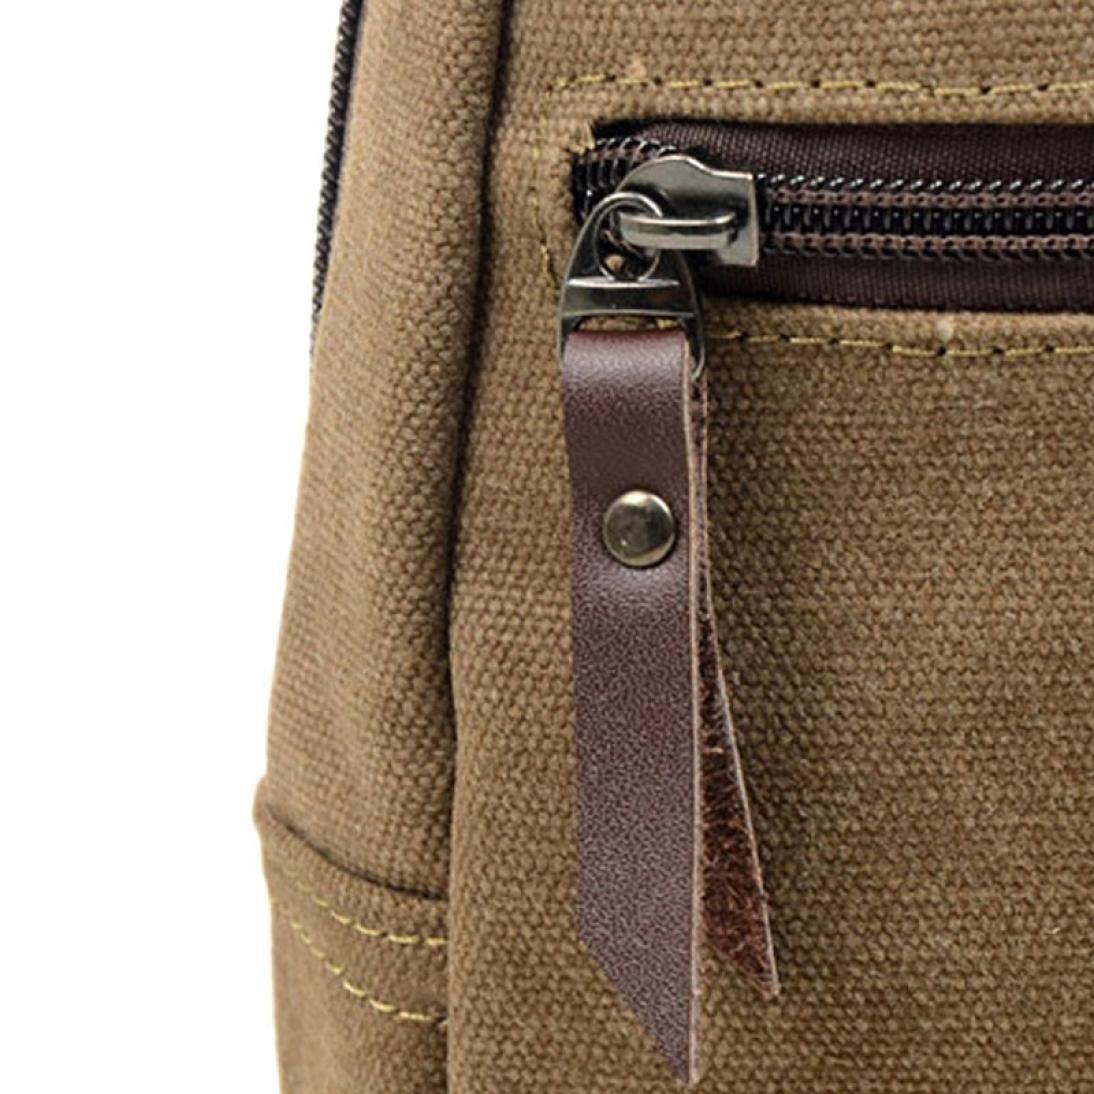 Amazon.com: Bolso bandolera para hombre Faionny, M: Clothing